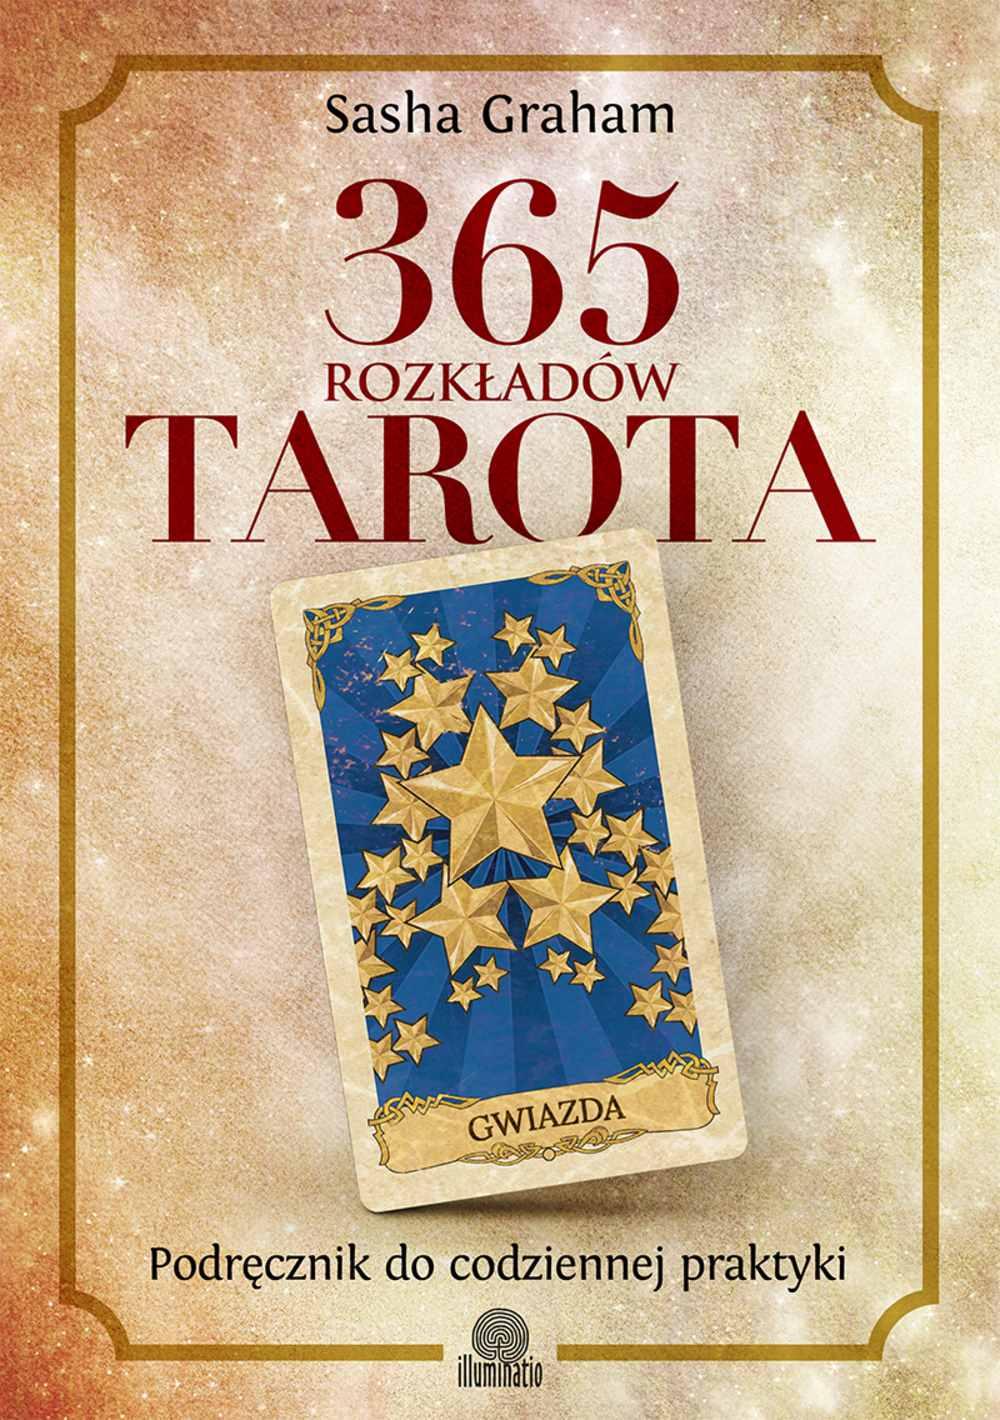 365 rozkładów Tarota. Podręcznik do codziennej praktyki - Ebook (Książka na Kindle) do pobrania w formacie MOBI